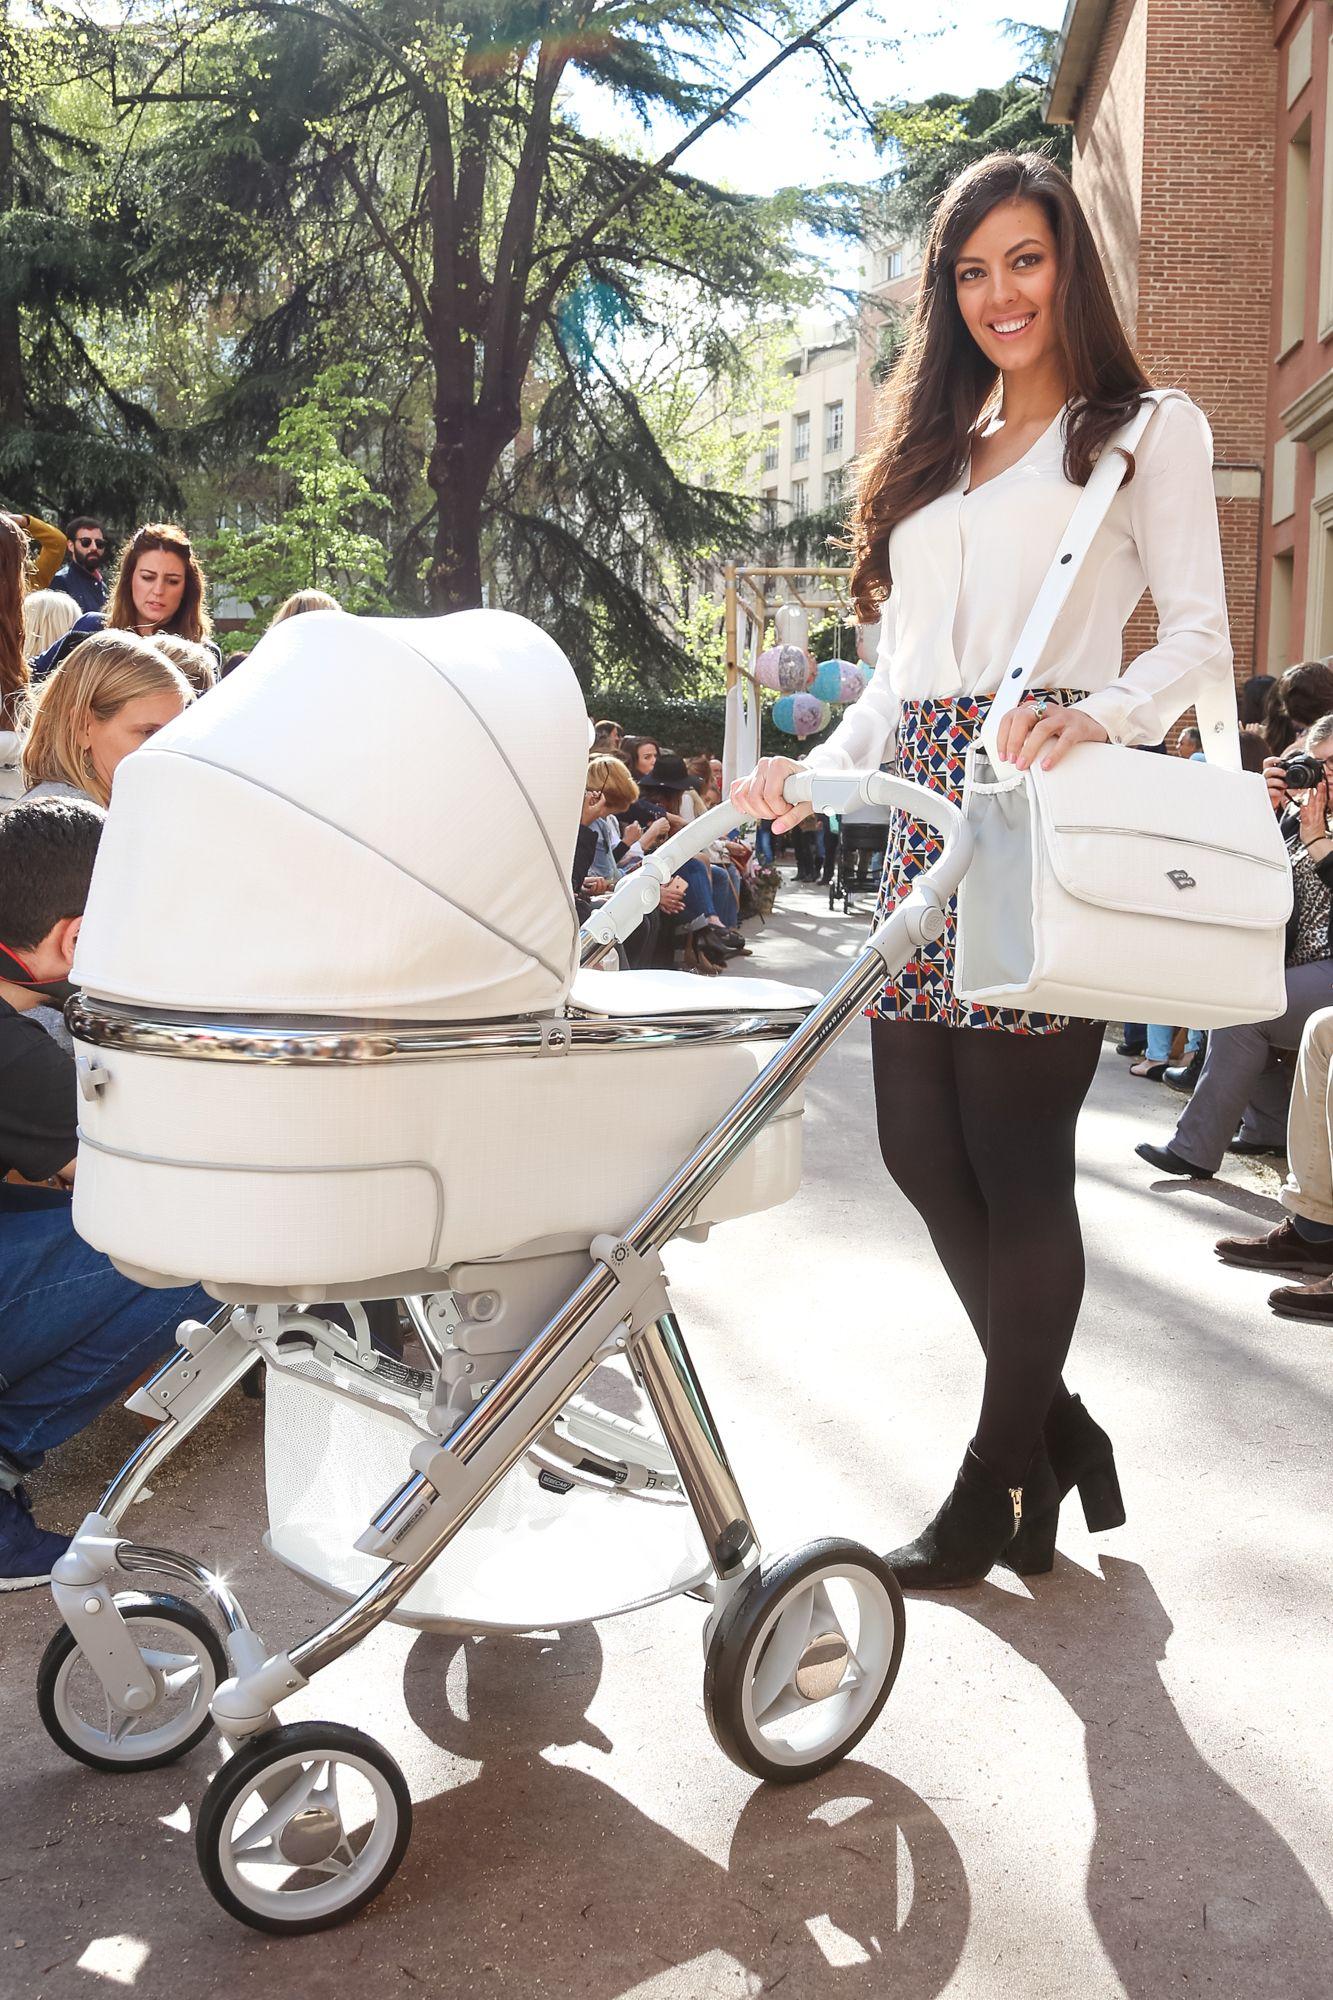 Bebecar En La Pasarela Madrid Petit Walking Carros Bebe Cochesitos De Bebe Accesorios Para Bebe Nina